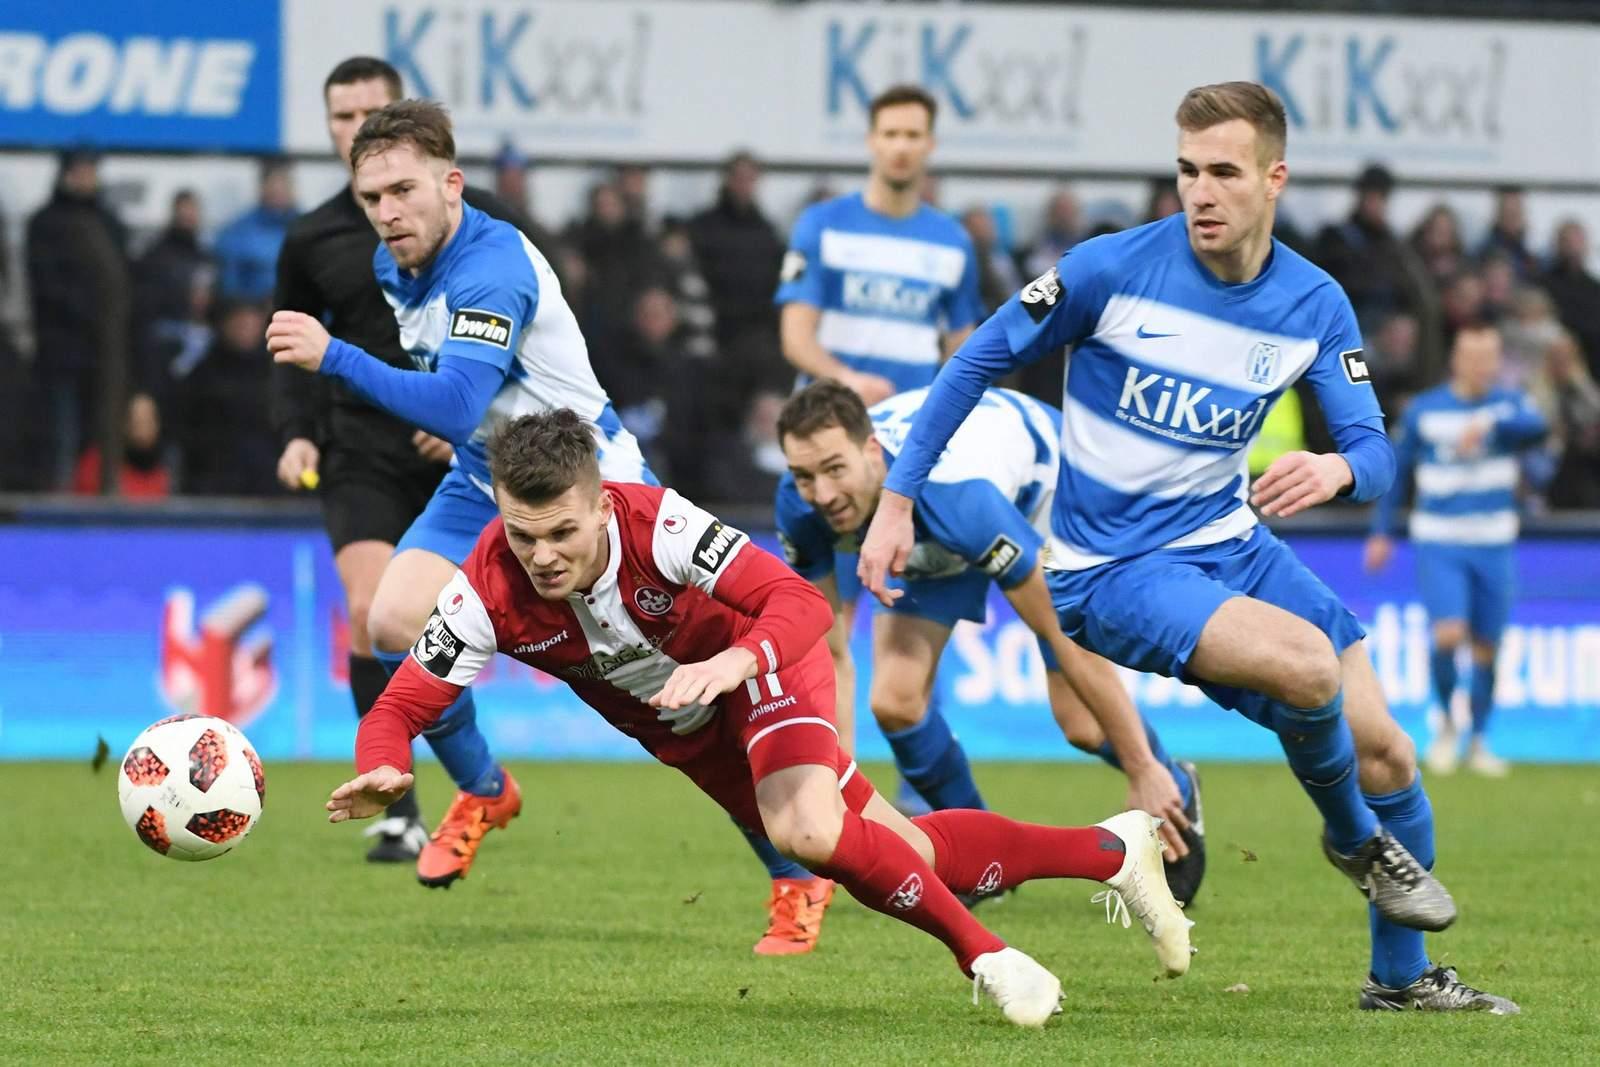 Steffen Puttkammer (r.) foult Florian Pick.